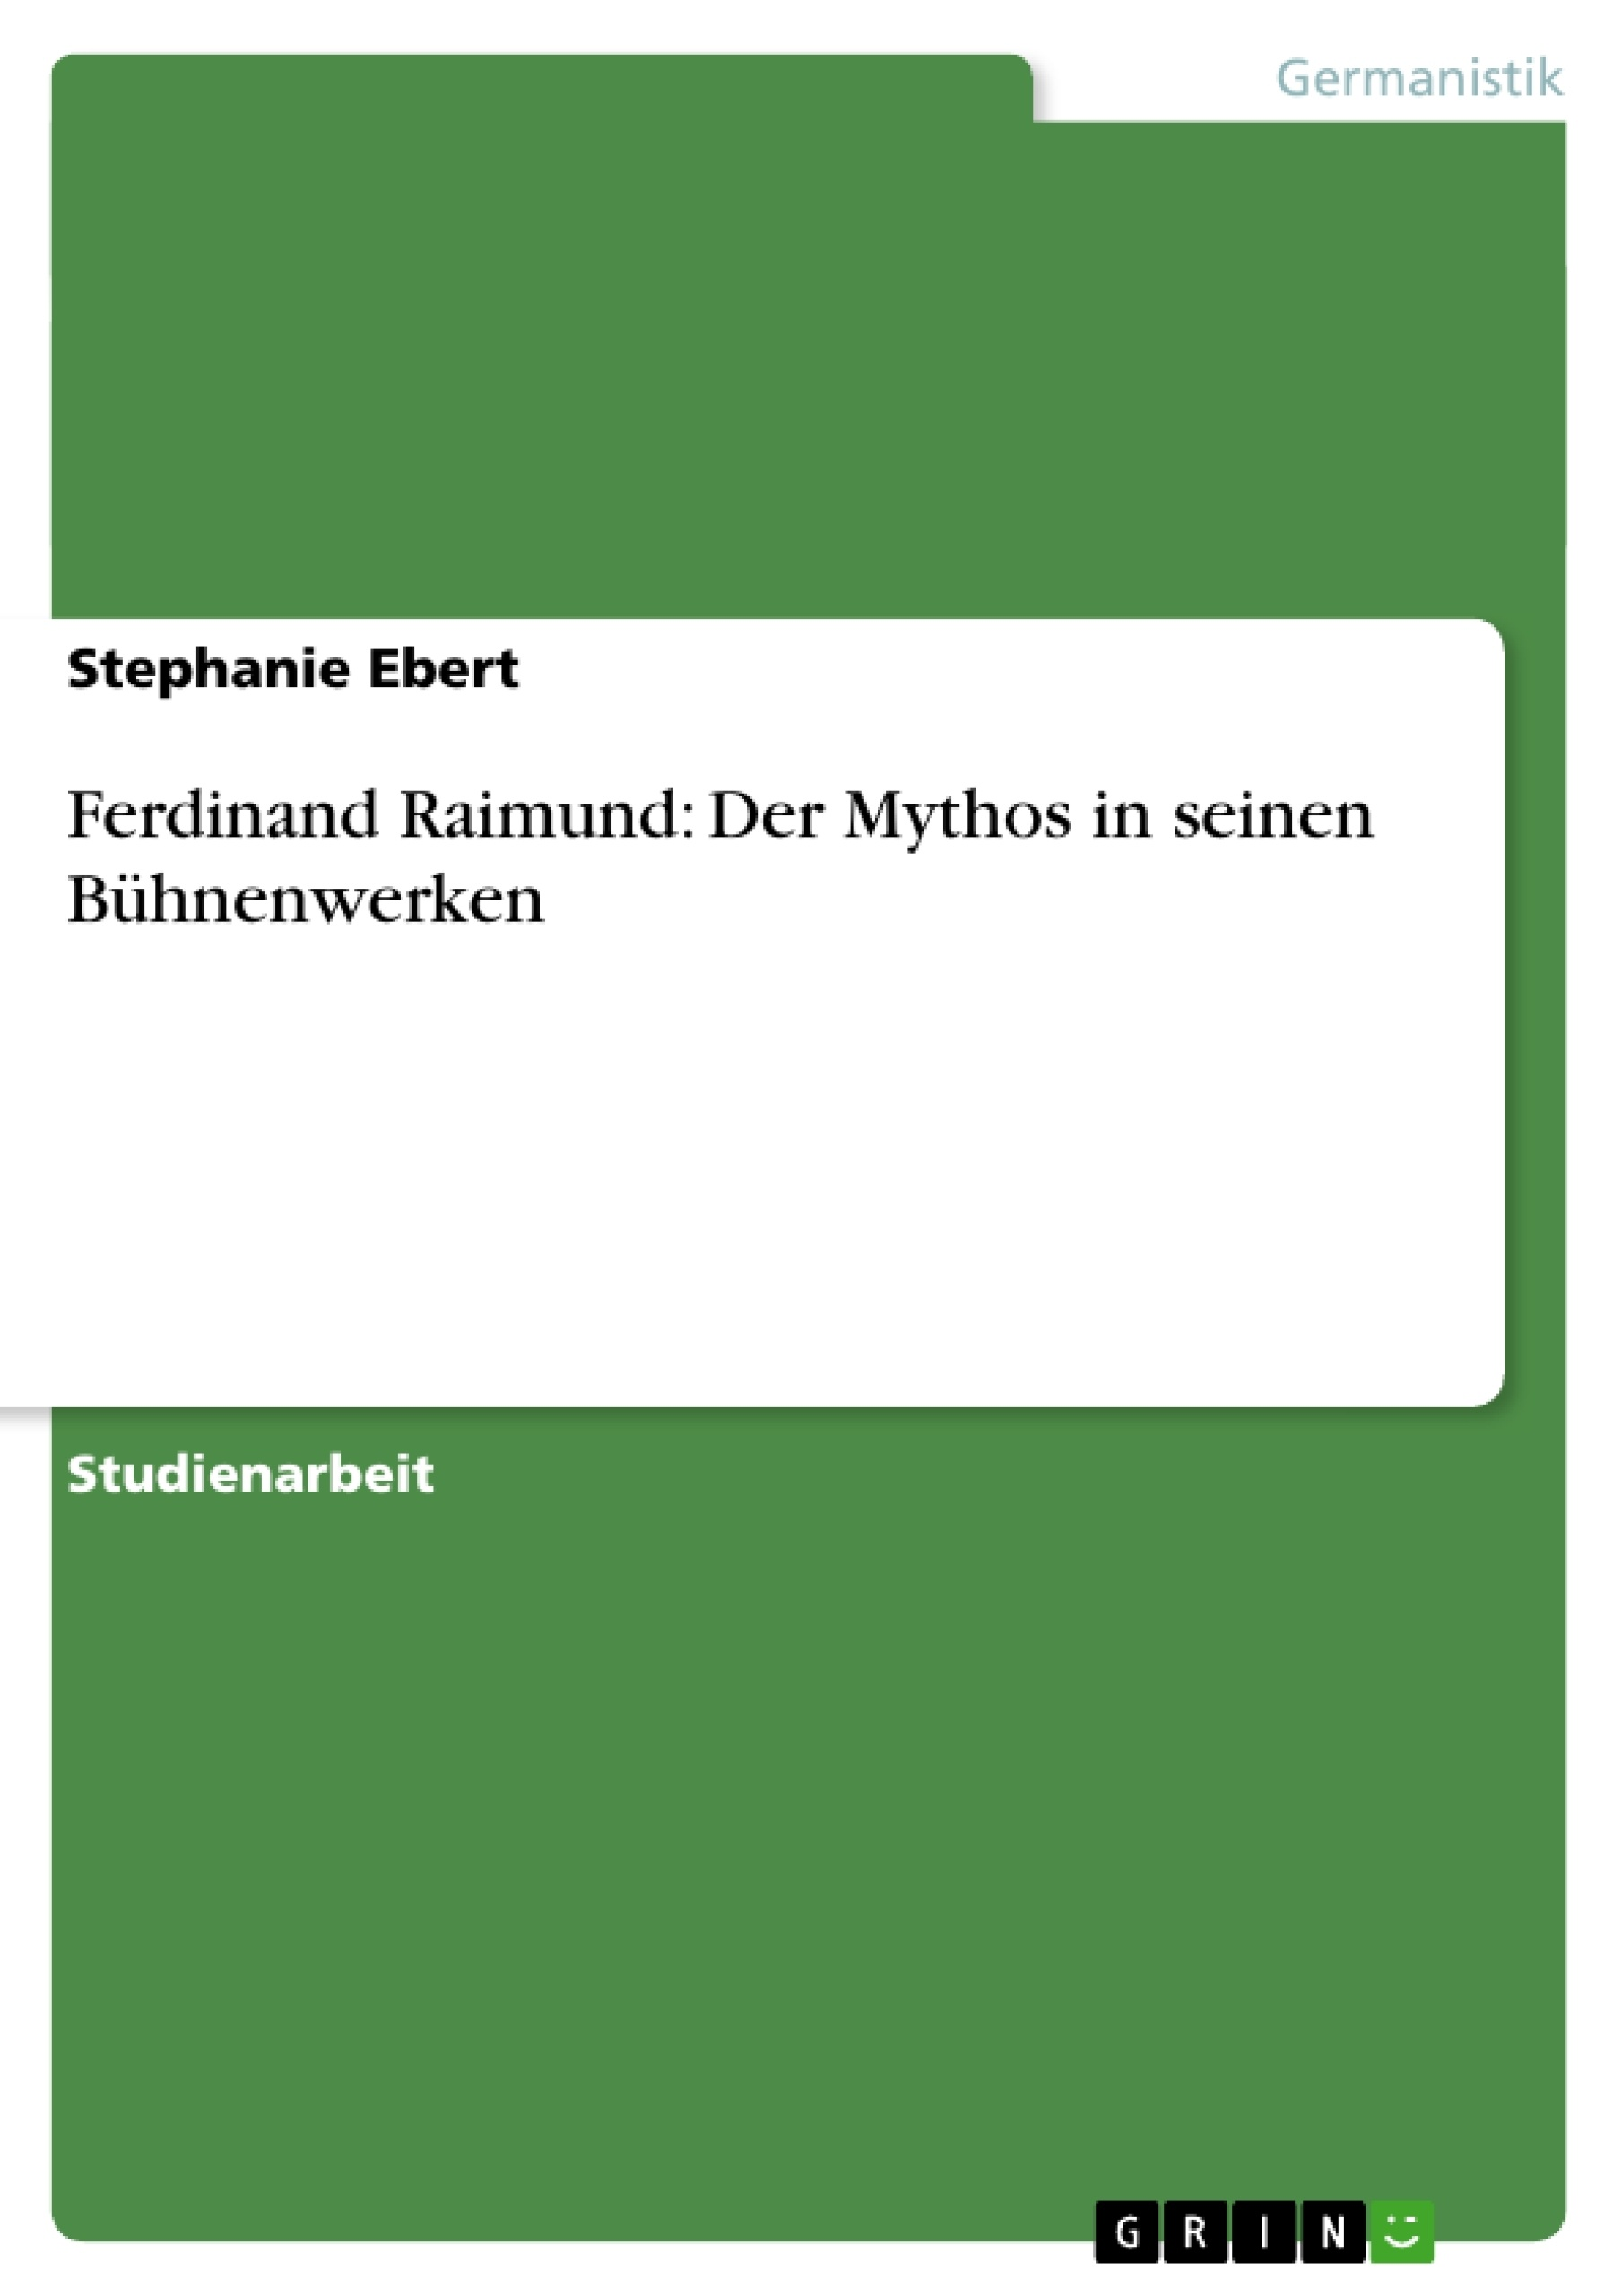 Titel: Ferdinand Raimund: Der Mythos in seinen Bühnenwerken